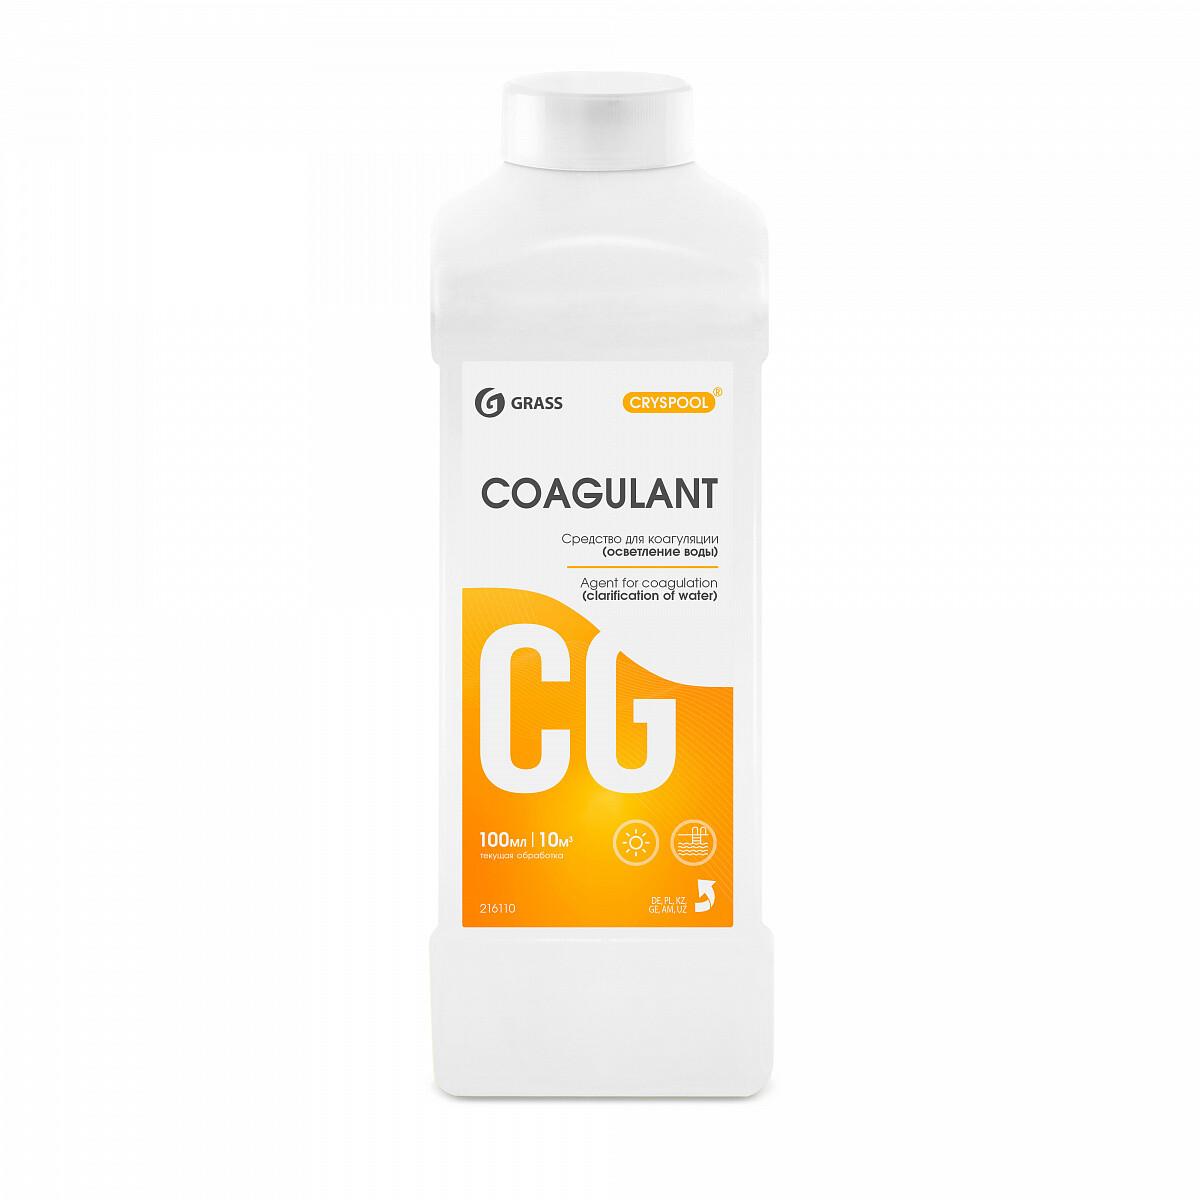 Средство для коагуляции (осветления) воды CRYSPOOL Coagulant, 1 л